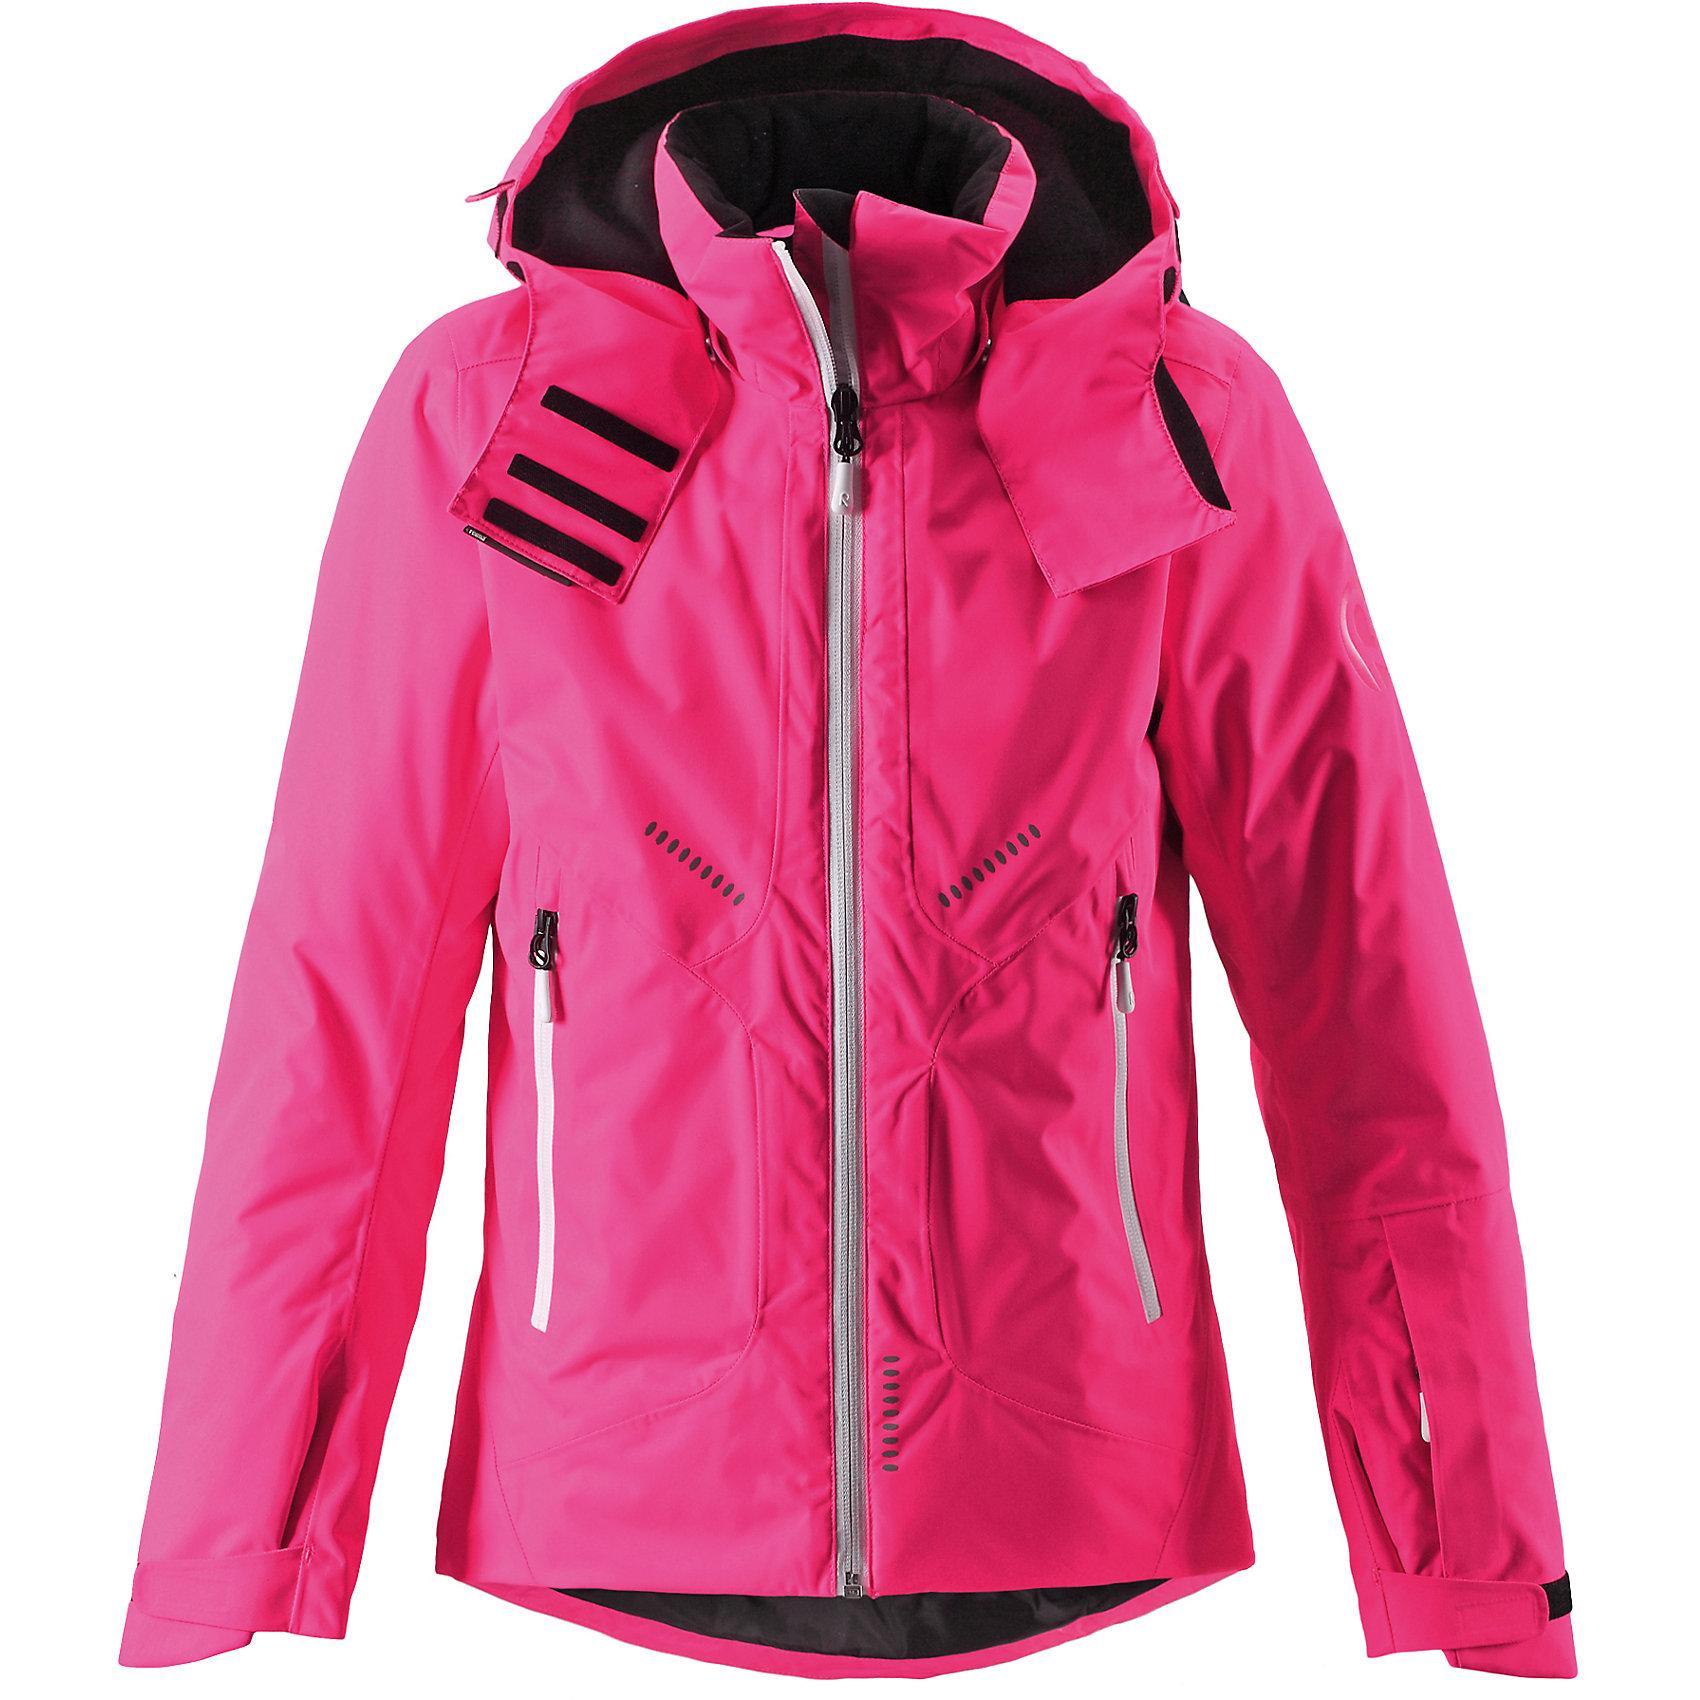 Куртка Reimatec® ReimaОдежда<br>Куртка Reimatec® Reima (Рейма), розовый от известного финского производителя теплой детской одежды Reima. Выполнена из полиэстера высокого качества с полиуретановым покрытием. Материал обладает воздухопроницаемыми, грязе и водоотталкивающими свойствами. Состав ткани защищает от потери цвета и формы даже при длительном использовании. Куртка имеет приталенный силуэт с удлиненной спинкой. У изделия – регулируемый капюшон, воротник-стойка, застежка-молния с защитой у подбородка, на рукавах предусмотрена регулировка по ширине за счет застежек на липучке. По бокам изделия имеются прорезные карманы на молнии. Все швы куртки проклеенные, имеется внутренняя застежка, что обеспечивает дополнительную защиту от холода и ветра. Изделие имеет среднюю степень утепления, его  можно носить до -20 градусов мороза.<br><br>Дополнительная информация:<br><br>- Предназначение: повседневная одежда, для прогулок<br>- Цвет: розовый<br>- Пол: для девочки<br>- Состав: 100% полиэстер<br>- Сезон: зима<br>- Особенности ухода: машинная стирка при температуре от 30 градусов, запрещается использовать отбеливающие средства<br><br>Подробнее:<br><br>• Для детей в возрасте: от 9 лет и до 10 лет<br>• Страна производитель: Китай<br>• Торговый бренд: Reima, Финляндия<br><br>Куртку Reimatec® Reima (Рейма), розовый можно купить в нашем интернет-магазине.<br><br>Ширина мм: 356<br>Глубина мм: 10<br>Высота мм: 245<br>Вес г: 519<br>Цвет: розовый<br>Возраст от месяцев: 96<br>Возраст до месяцев: 108<br>Пол: Женский<br>Возраст: Детский<br>Размер: 134,152,140,164,146,158<br>SKU: 4869720